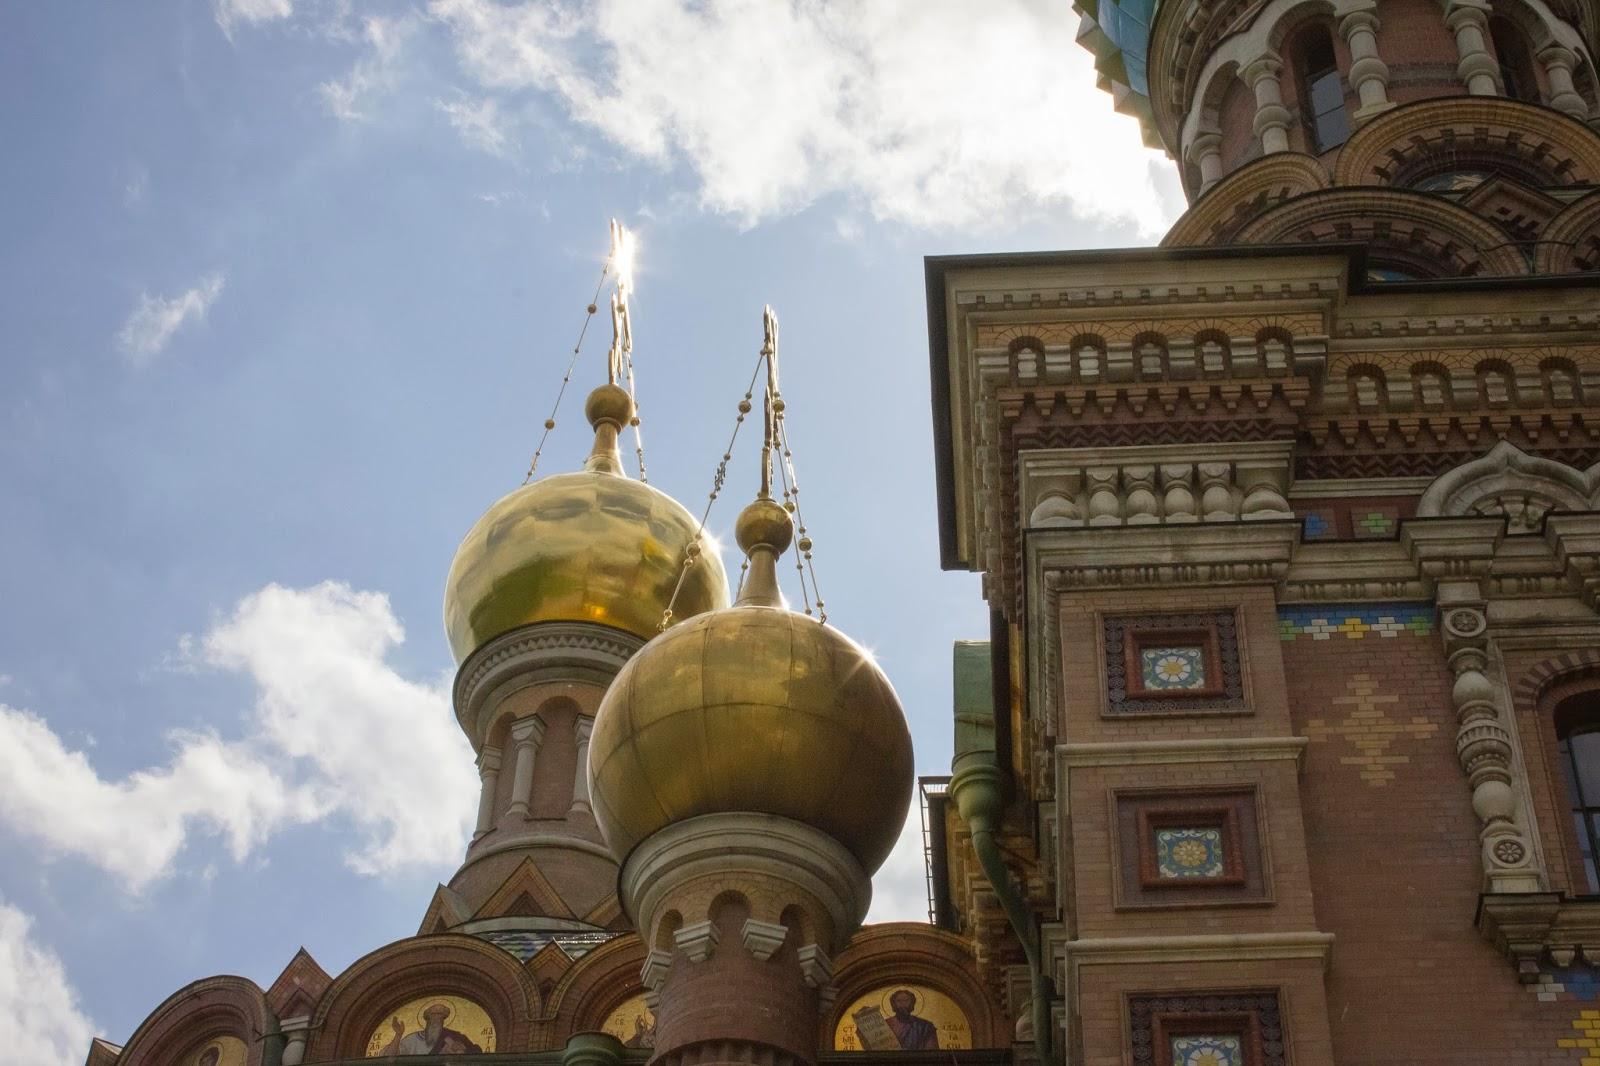 Санкт-Петербург, Россия, Храм Спаса на Крови